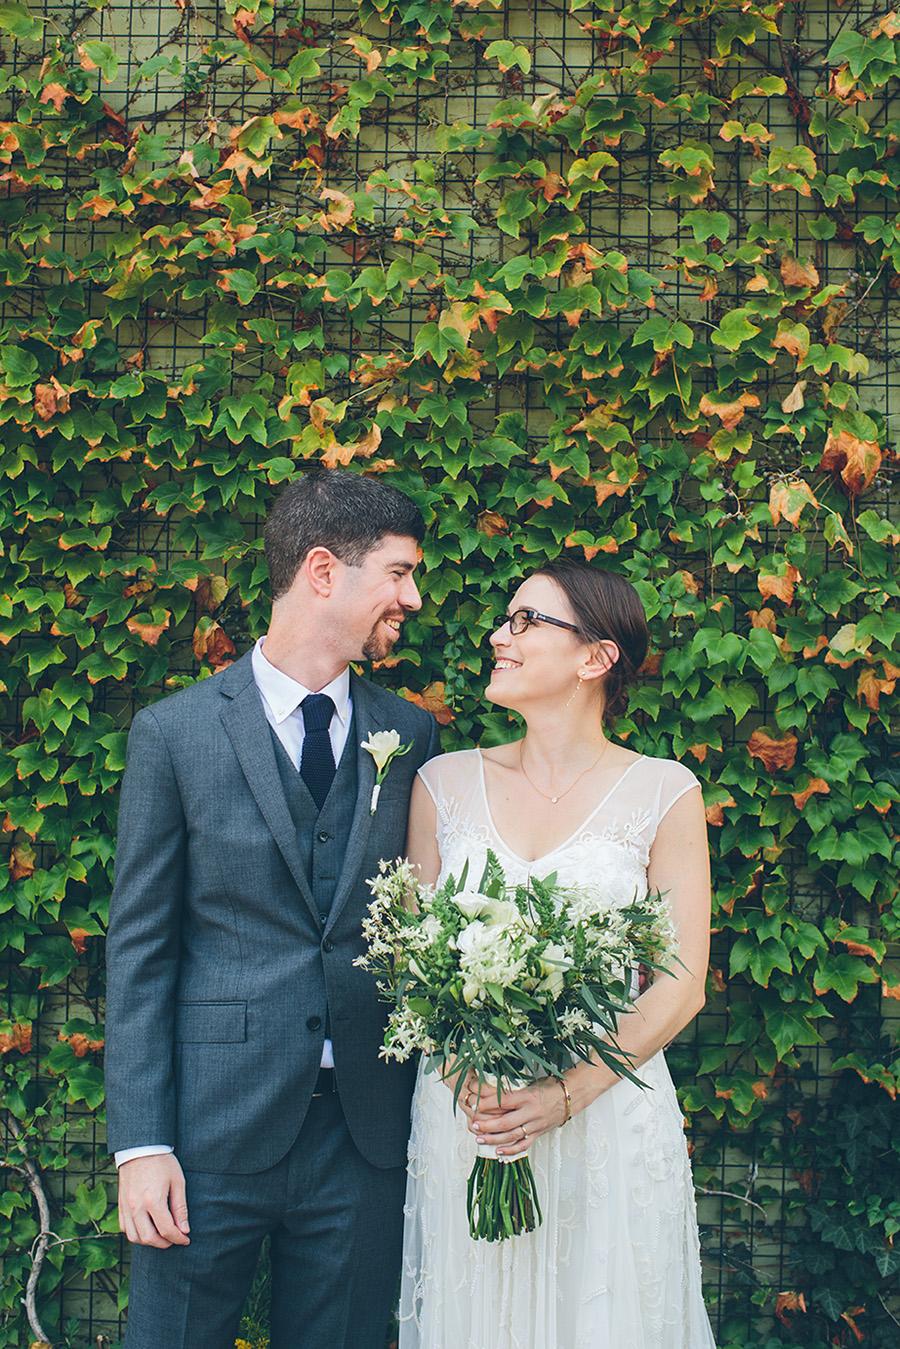 LAURIE-MATT-501-UNION-BROOKLYN-NYC-WEDDING-BLOG-CYNTHIACHUNG-A-0013.jpg